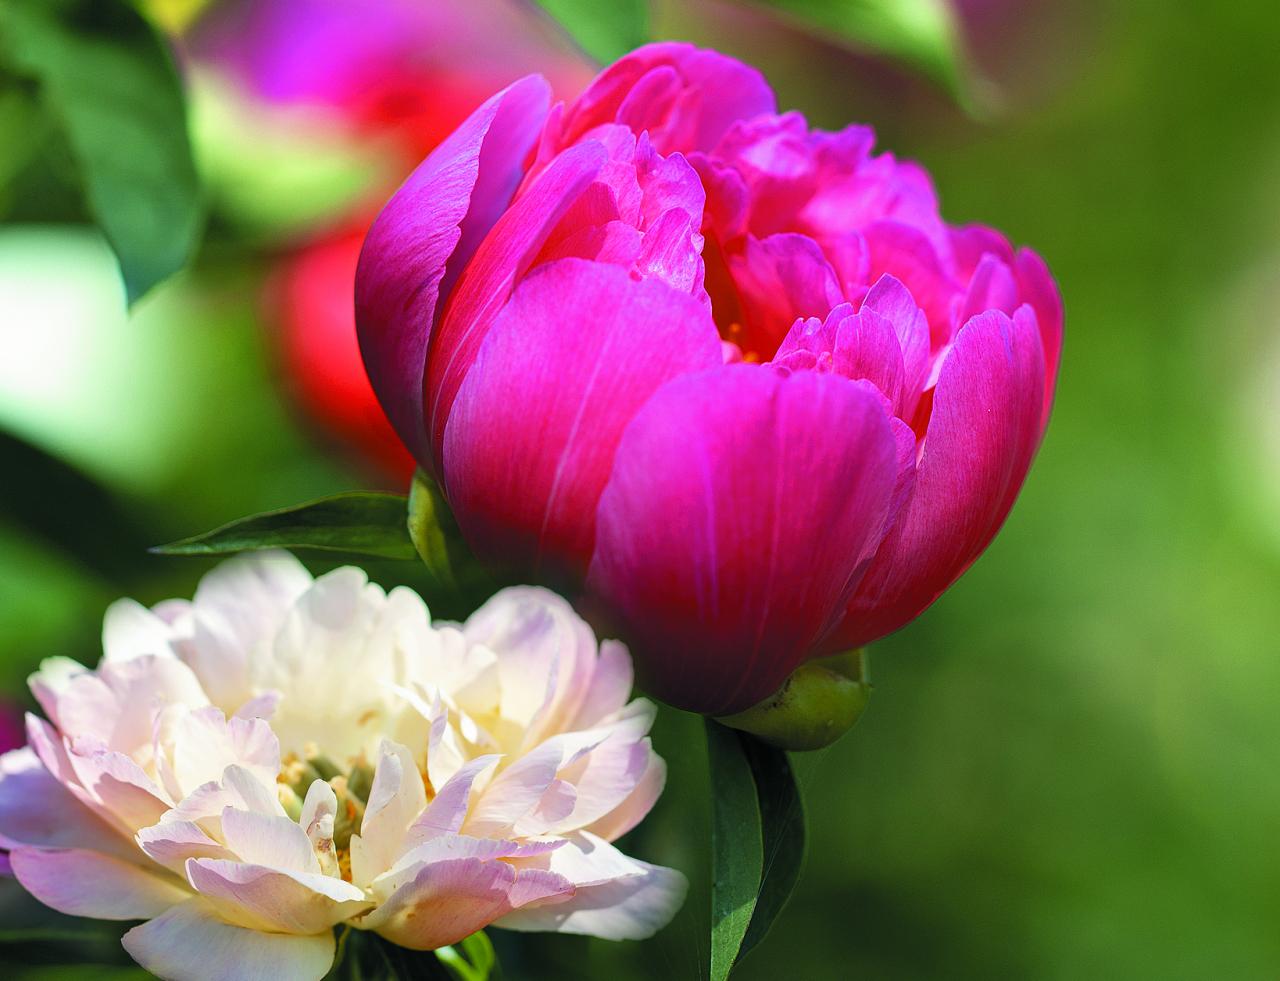 Soft Salmon Saucer. Tases formas lašrozā ziedi ar lielām ziedlapiņām. Plaukstot zieds ir rozā, izplaucis – gaišs, un krūmā divi tādi līdzās izskatās kā dažādu šķirņu pārstāvji.